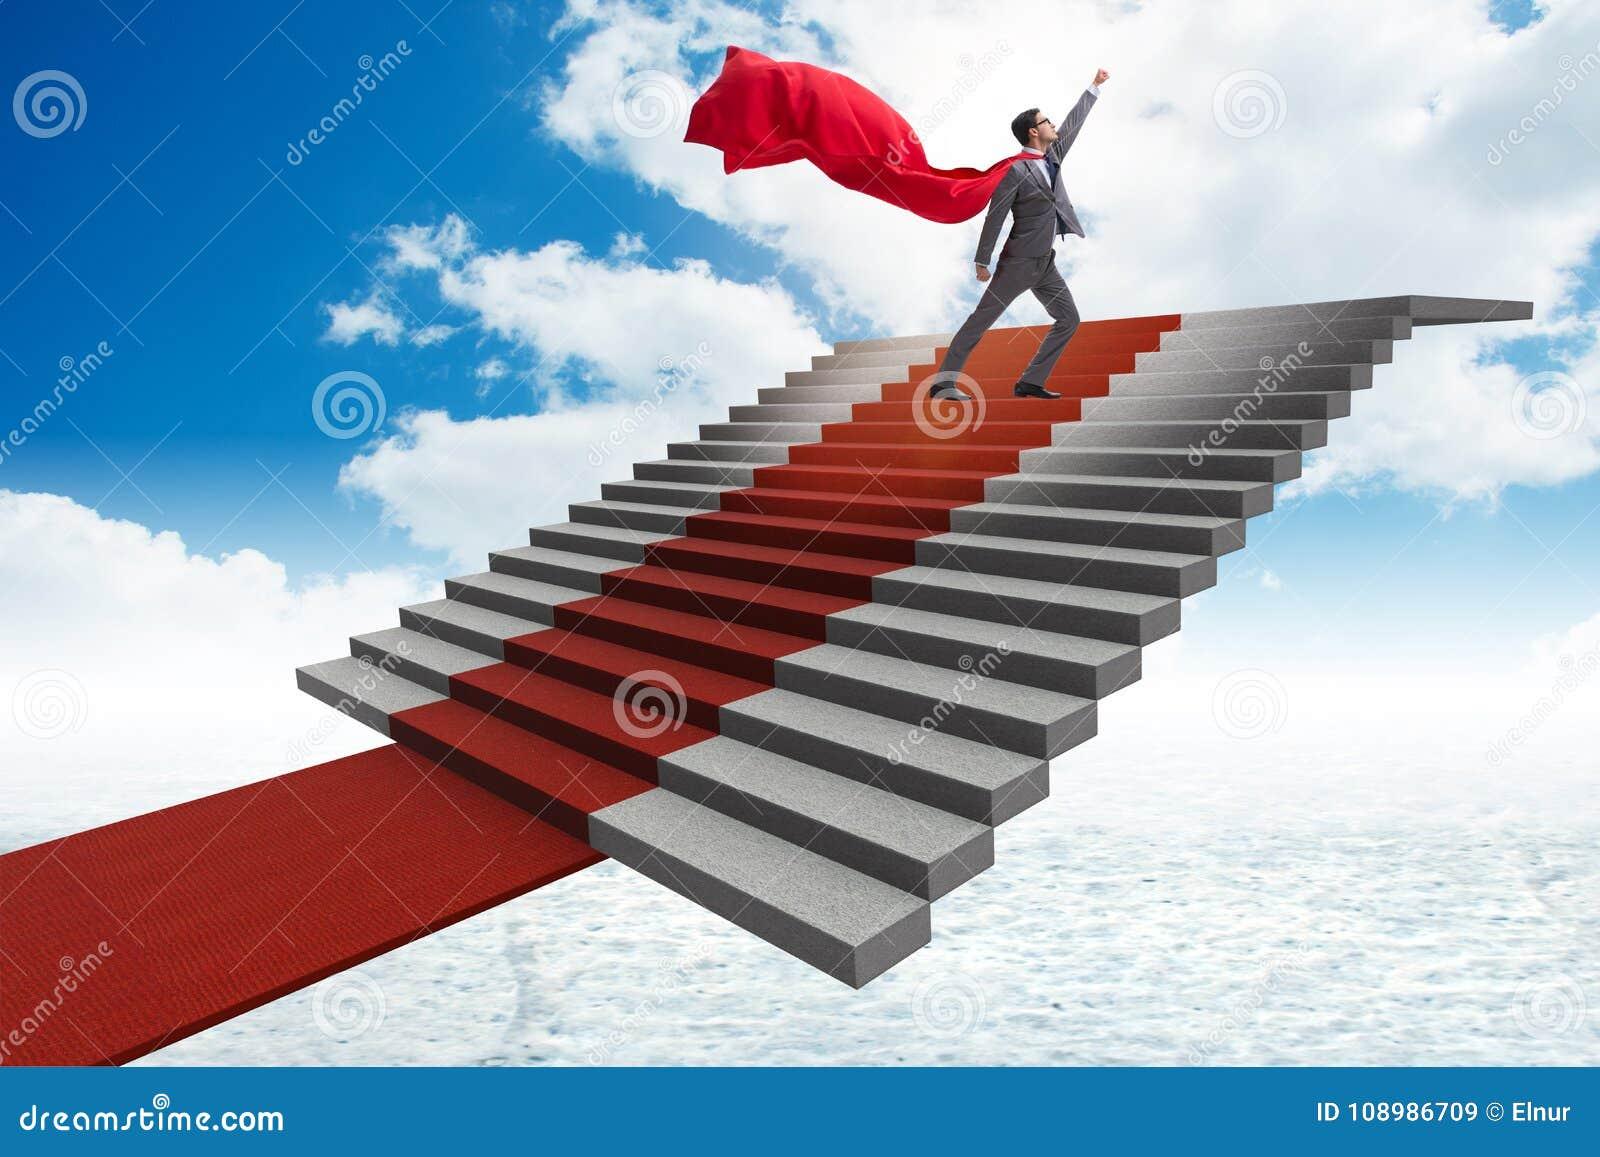 Ο επιχειρηματίας superhero που αναρριχείται στα σκαλοπάτια κόκκινου χαλιού